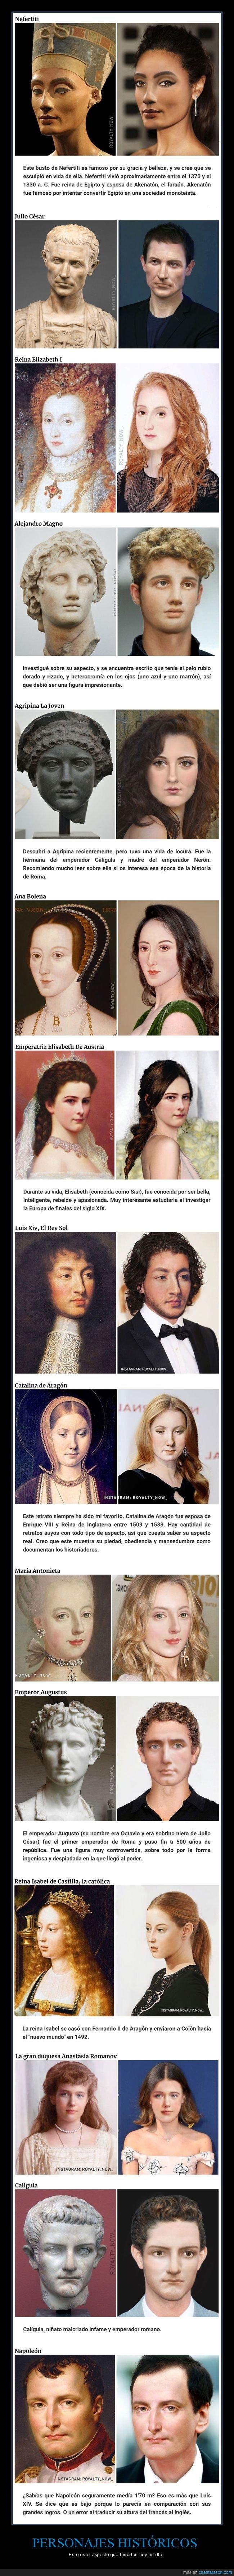 actualidad,aspecto,personajes históricos